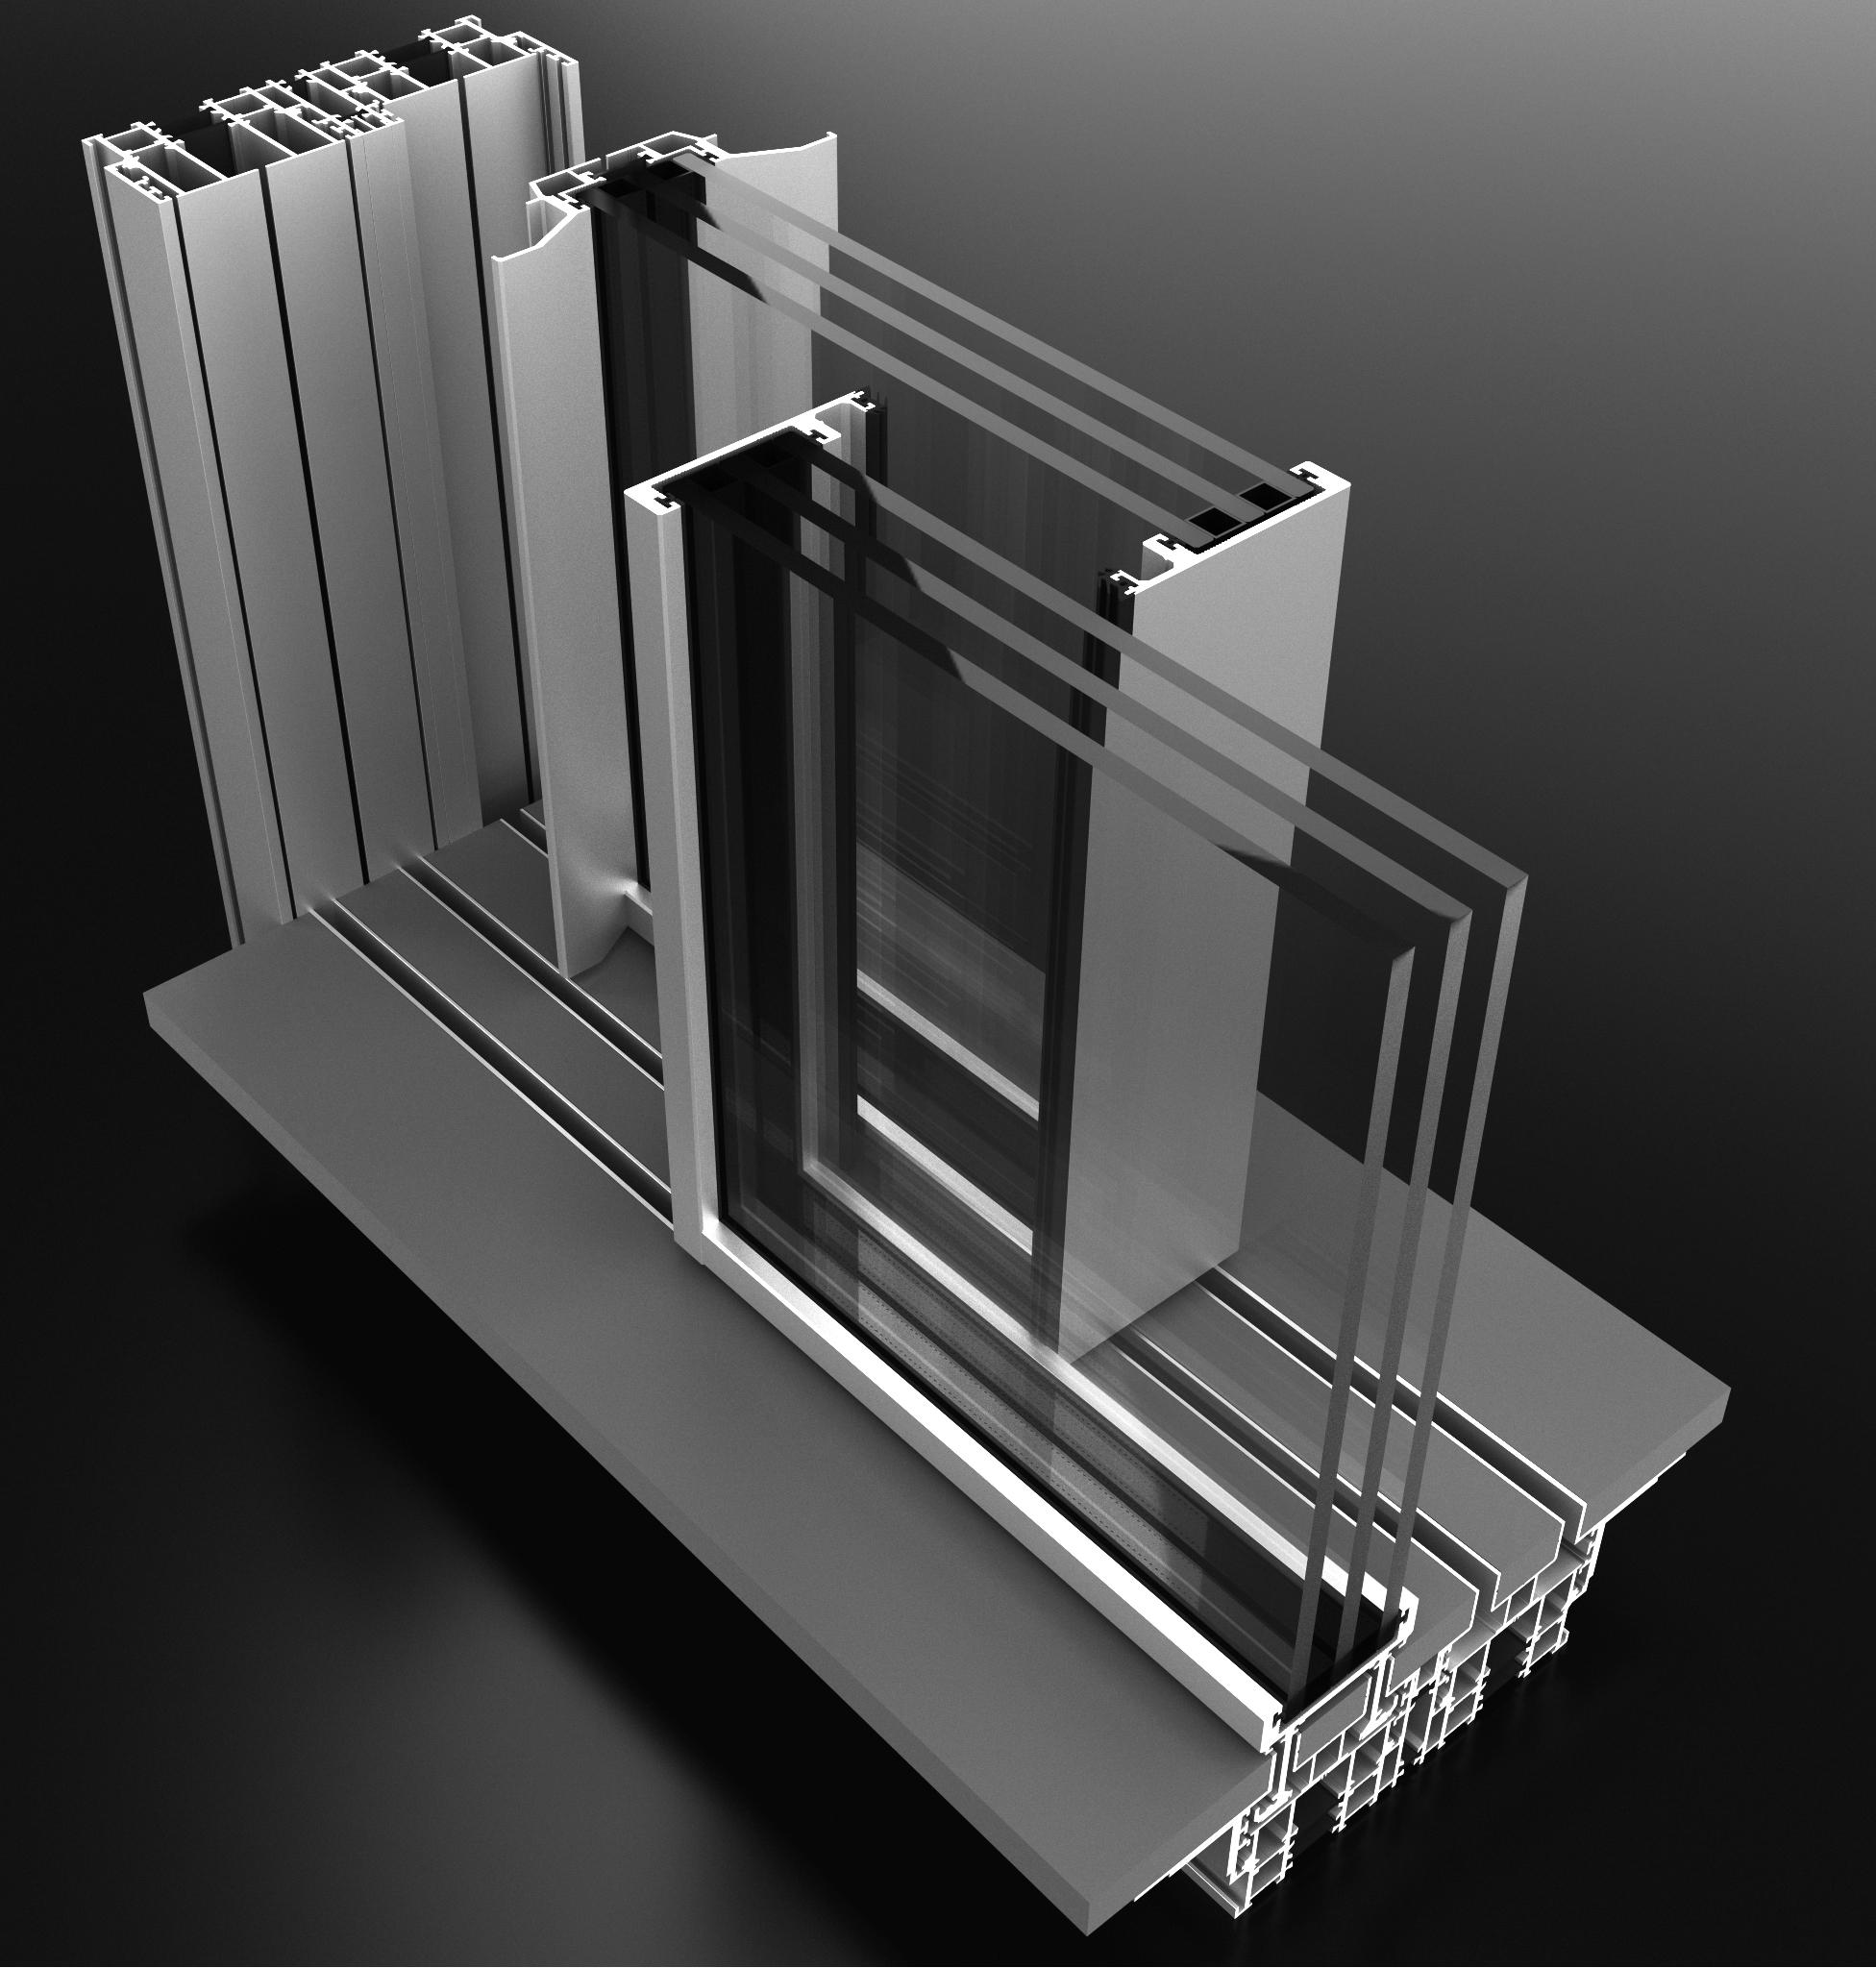 Produit Hyline - HY50 - La technologie HYLINE combine Design épuré et Performances fonctionnelles.